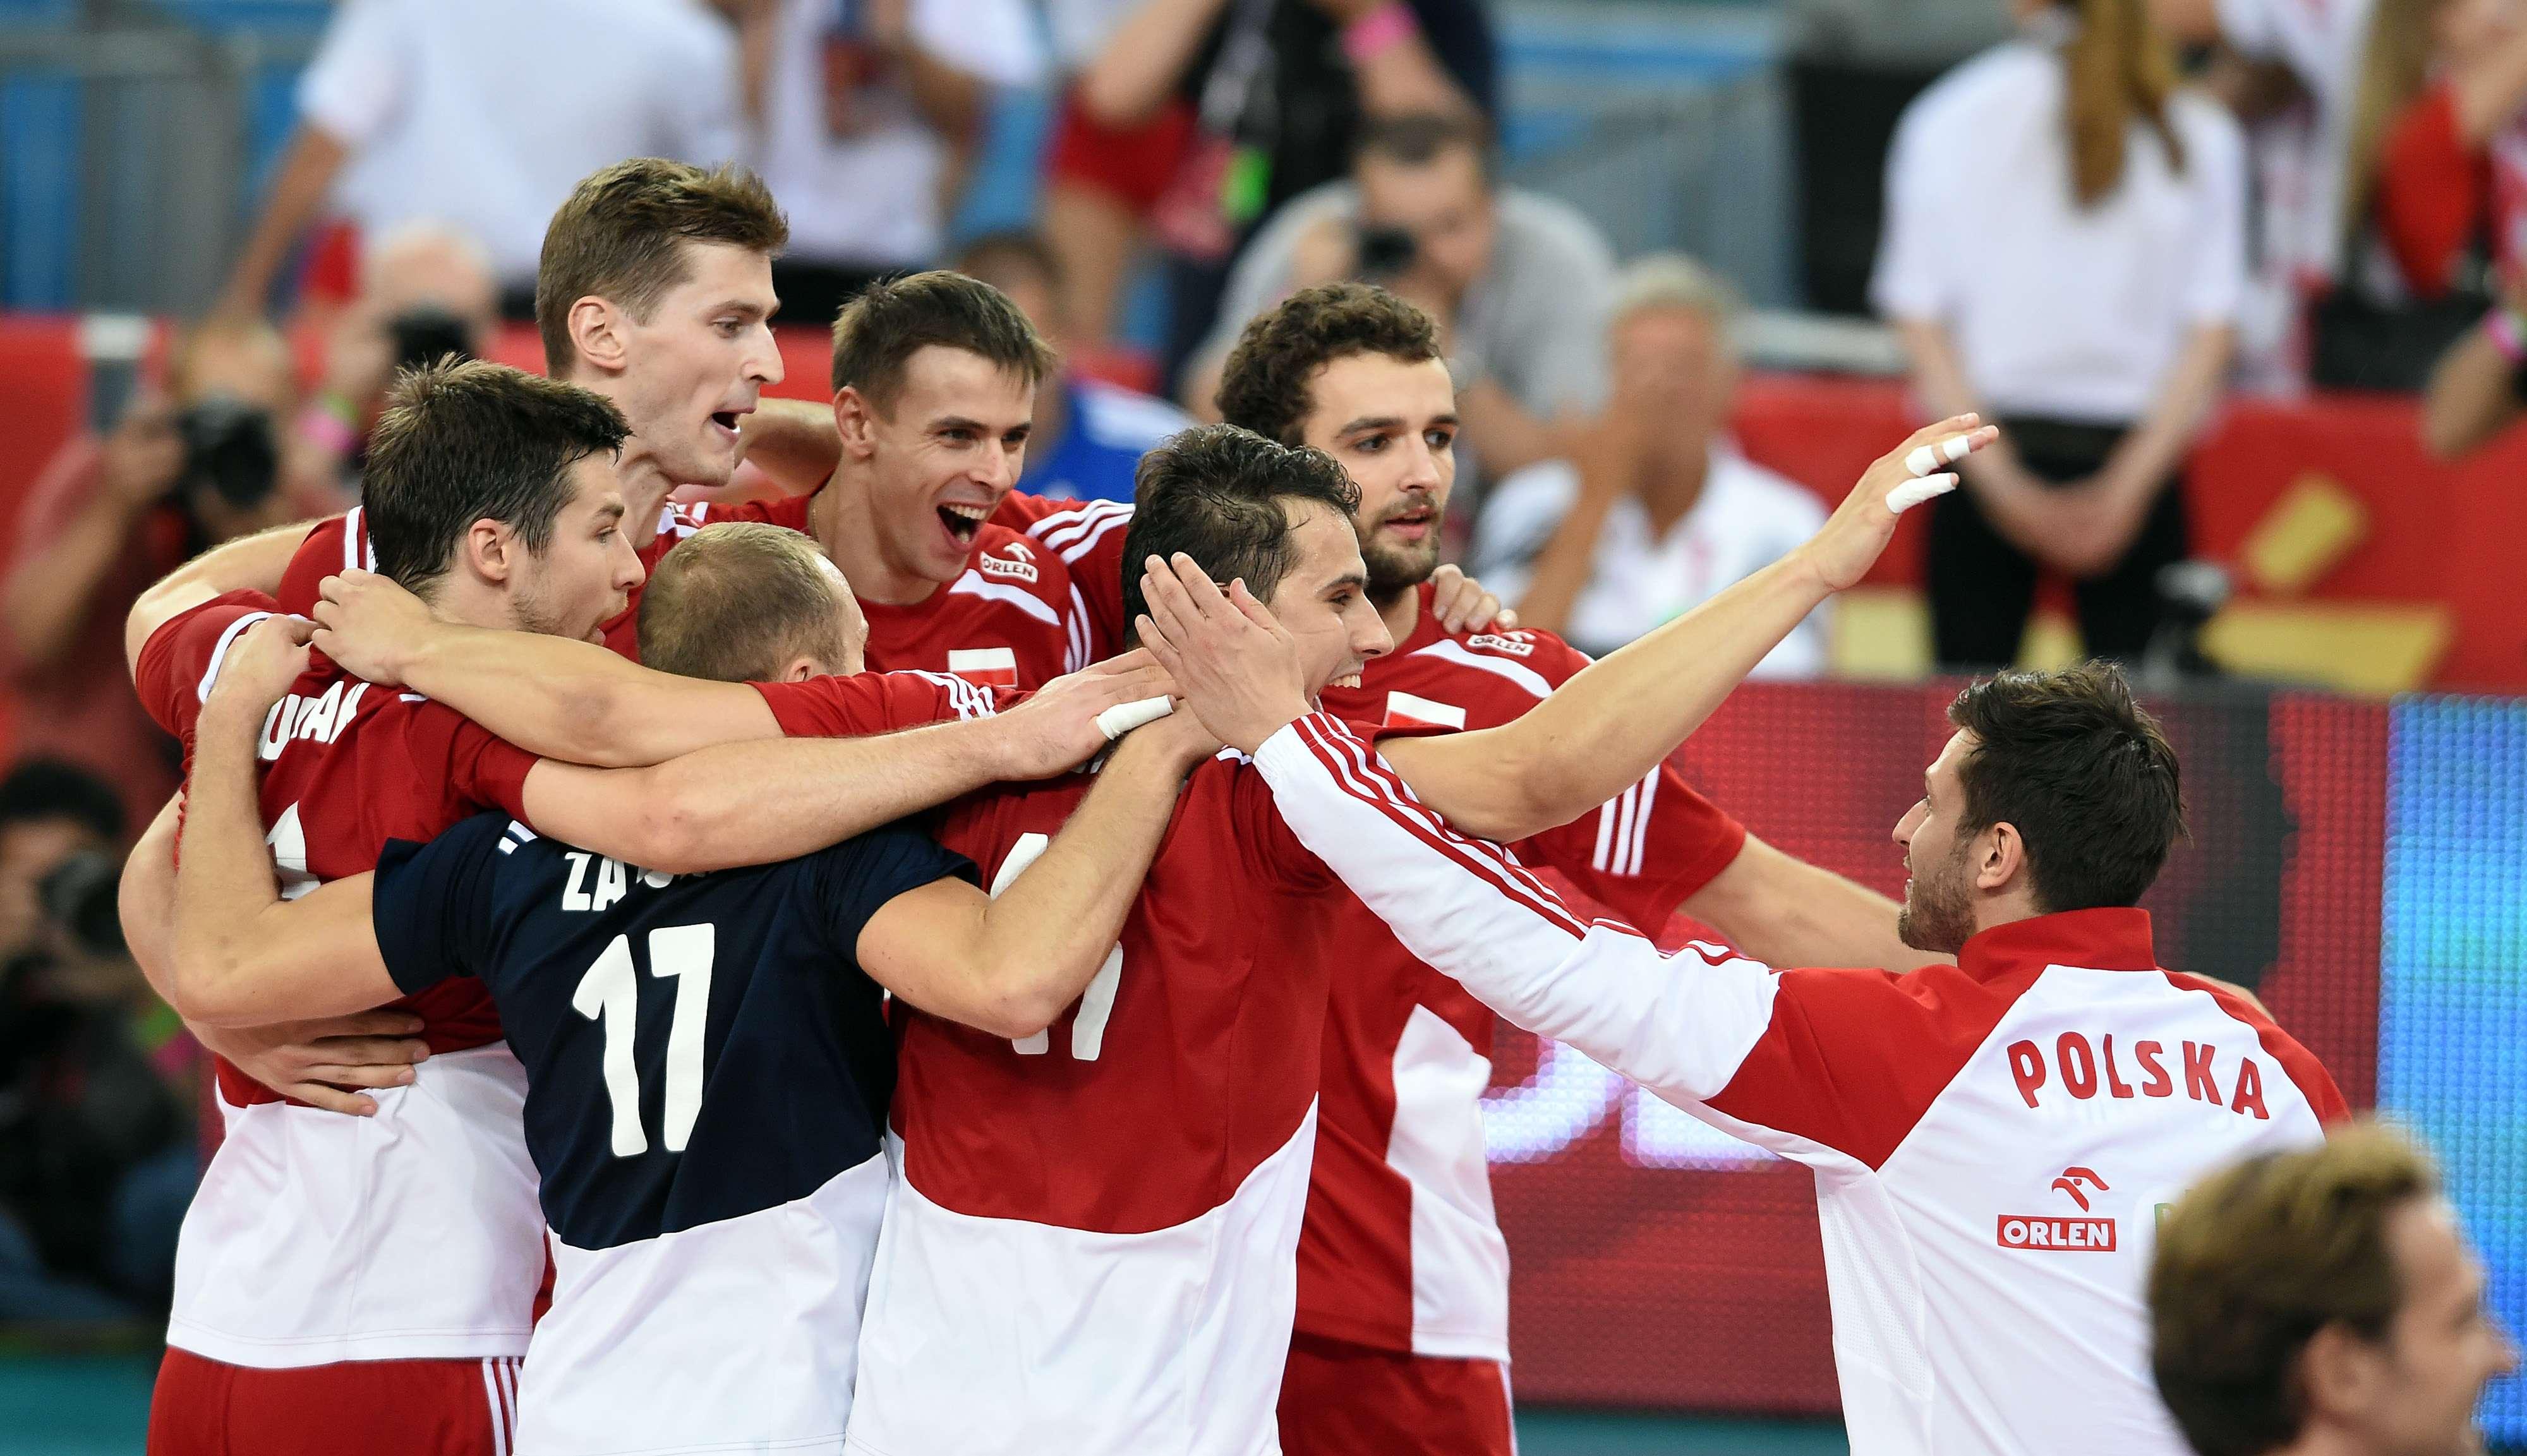 Polônia comemora vaga na semifinal do Mundial Foto: FIVB/Divulgação